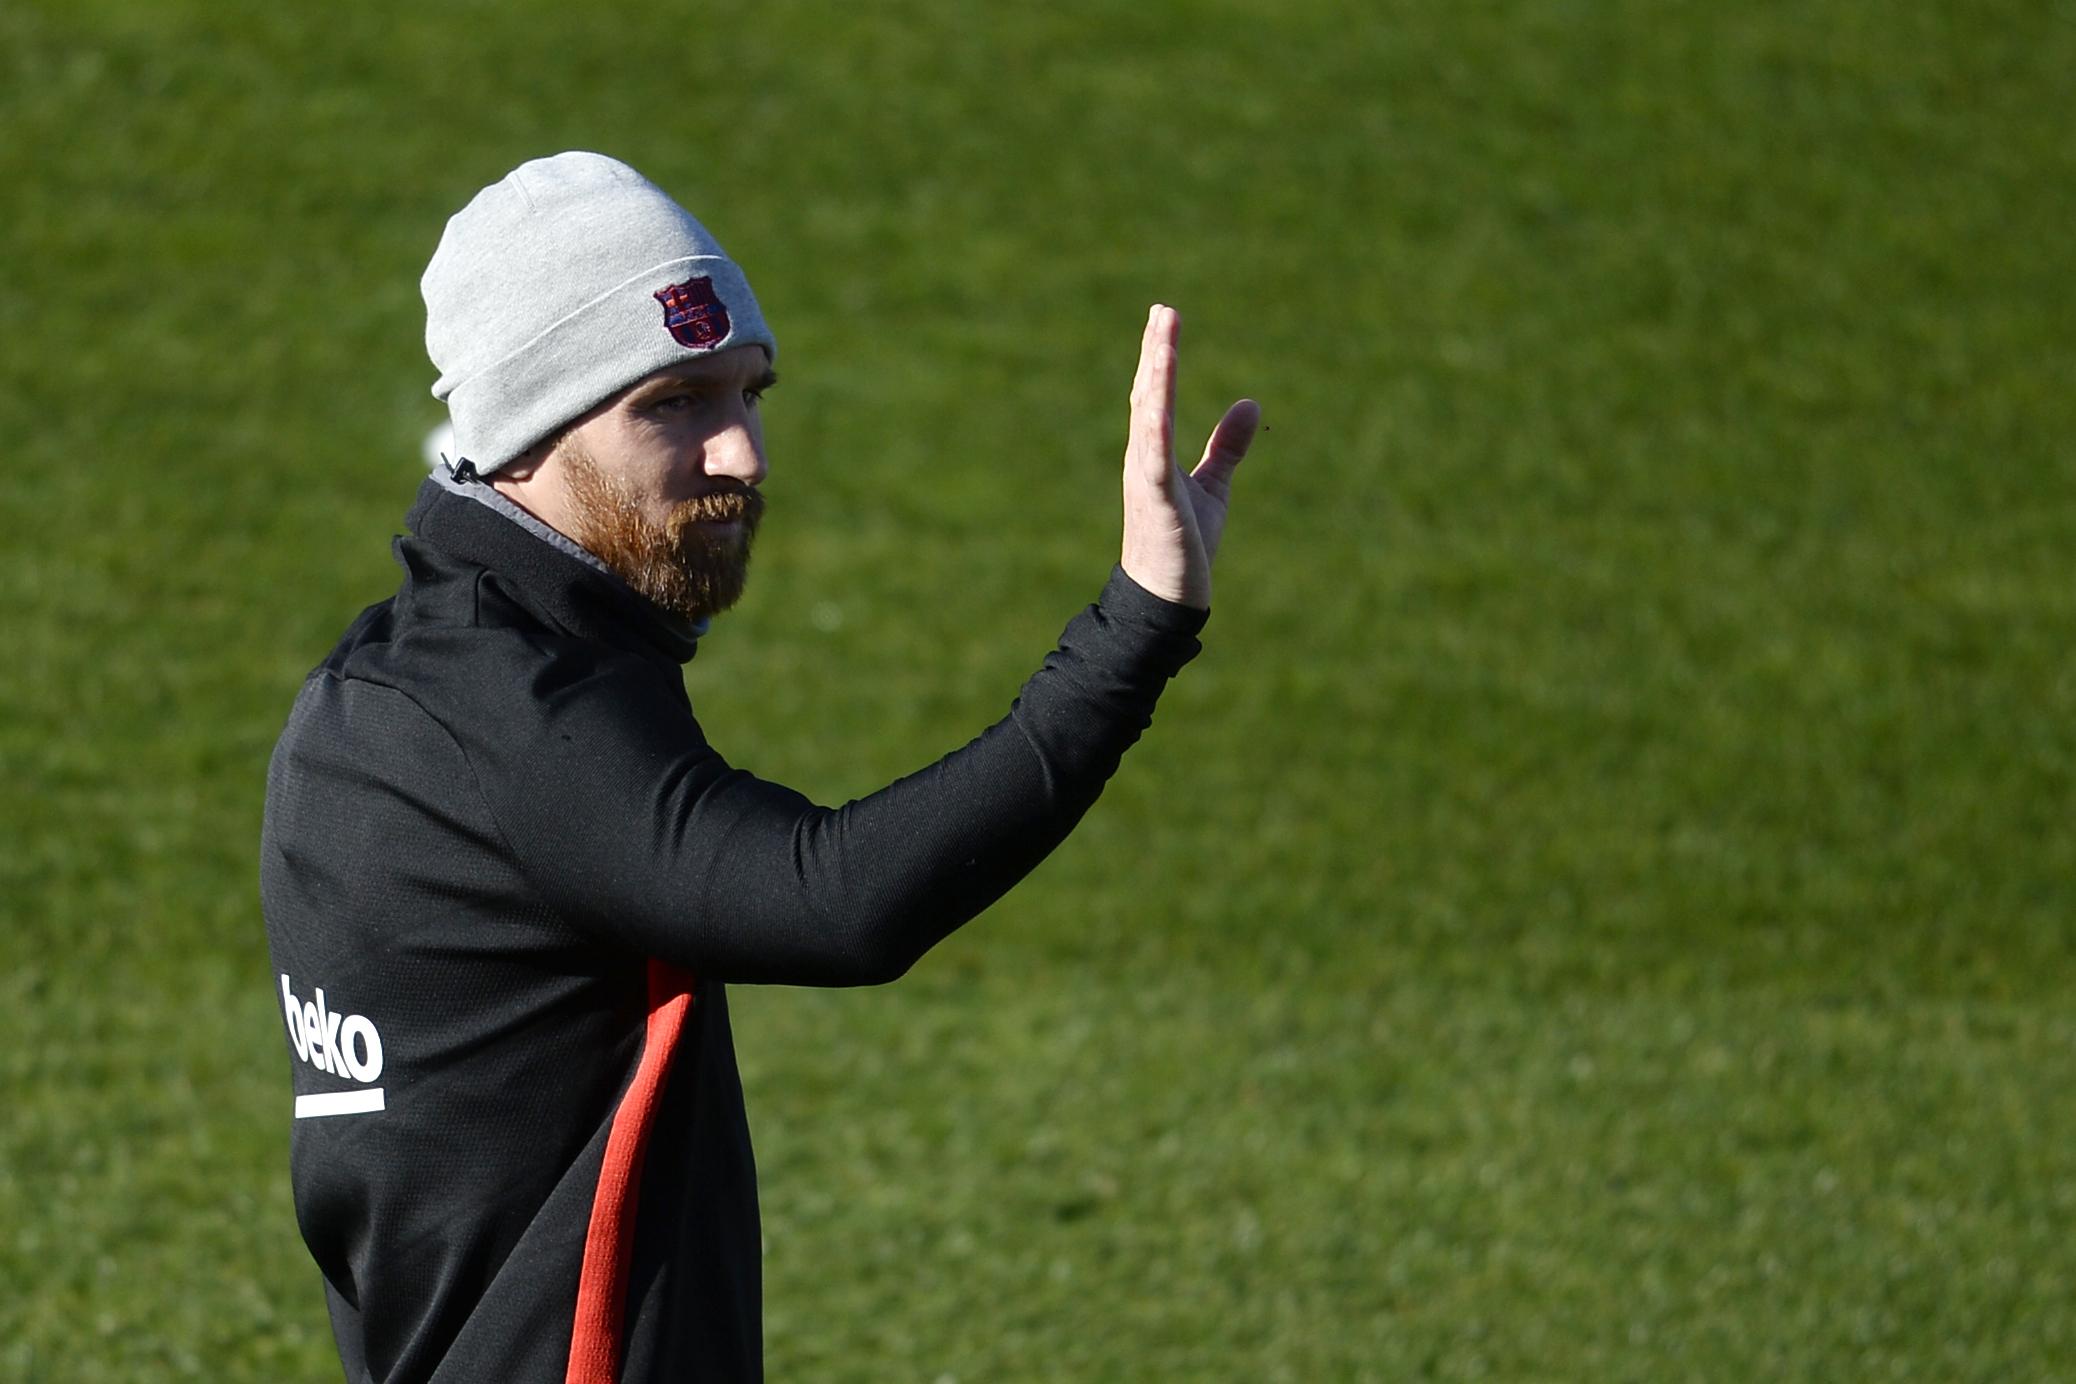 Independência da Catalunha pode causar rescisão de Messi no Barça